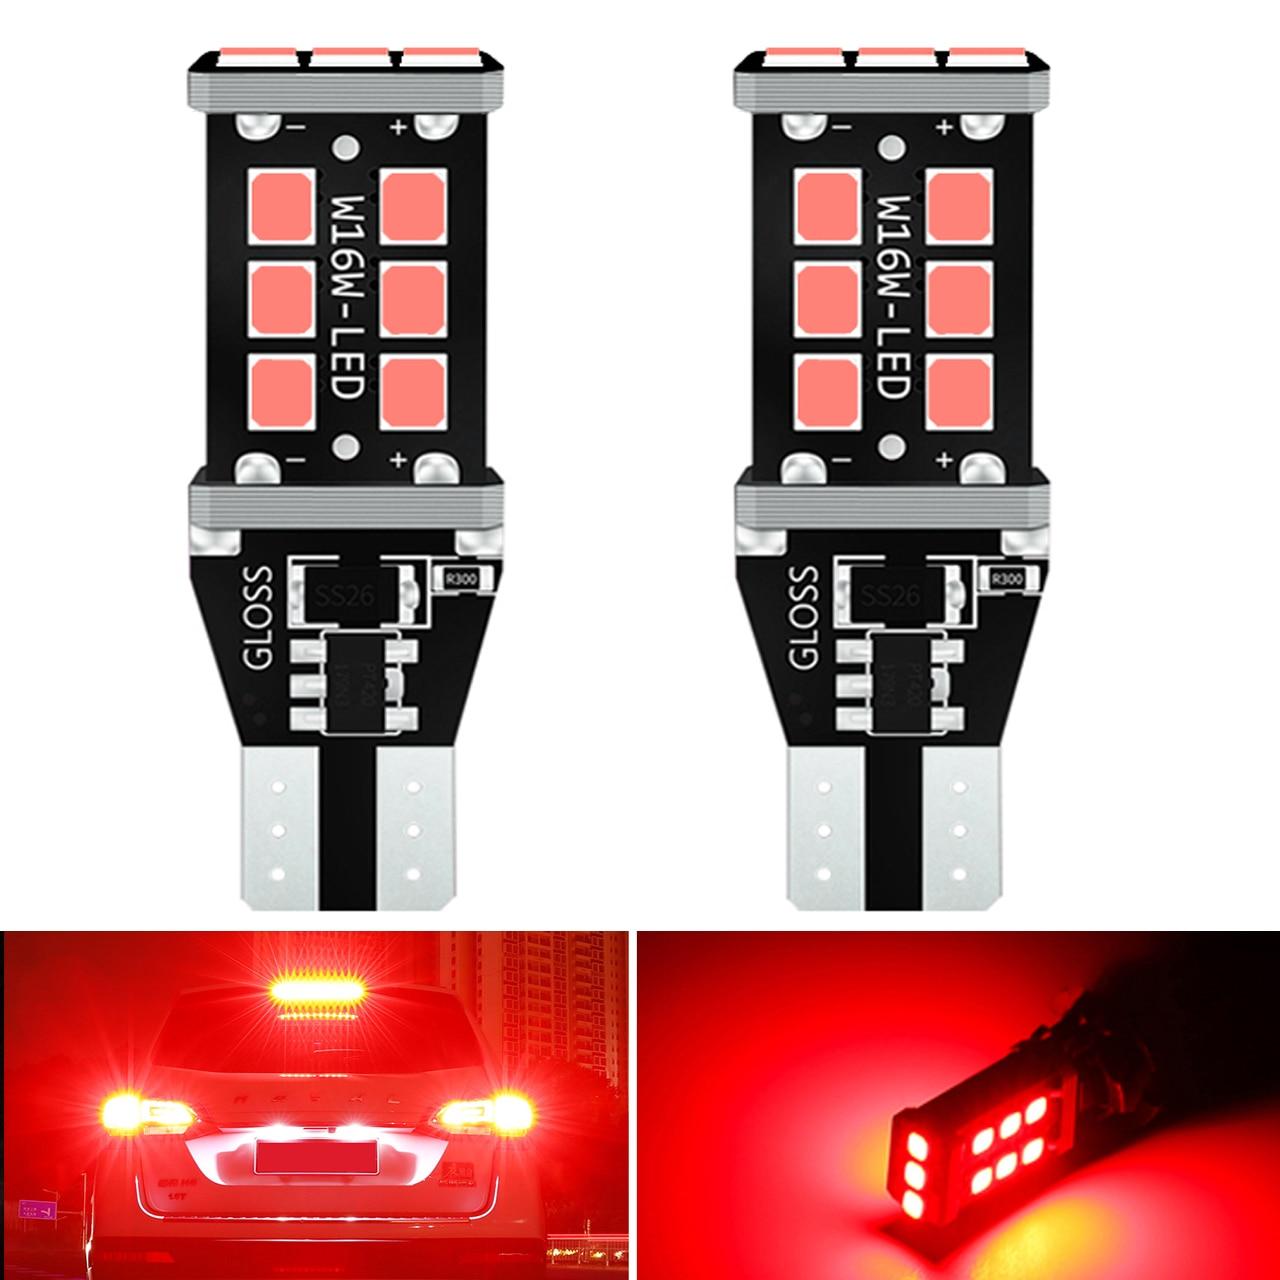 2x T15 W16W светодиодный стоп-сигнал, супер яркий 21SMD 2835 921 912 светодиодный Canbus без ошибок, резервный стоп-сигнал, стоп-сигнал, лампа, стоп-сигнал, к...